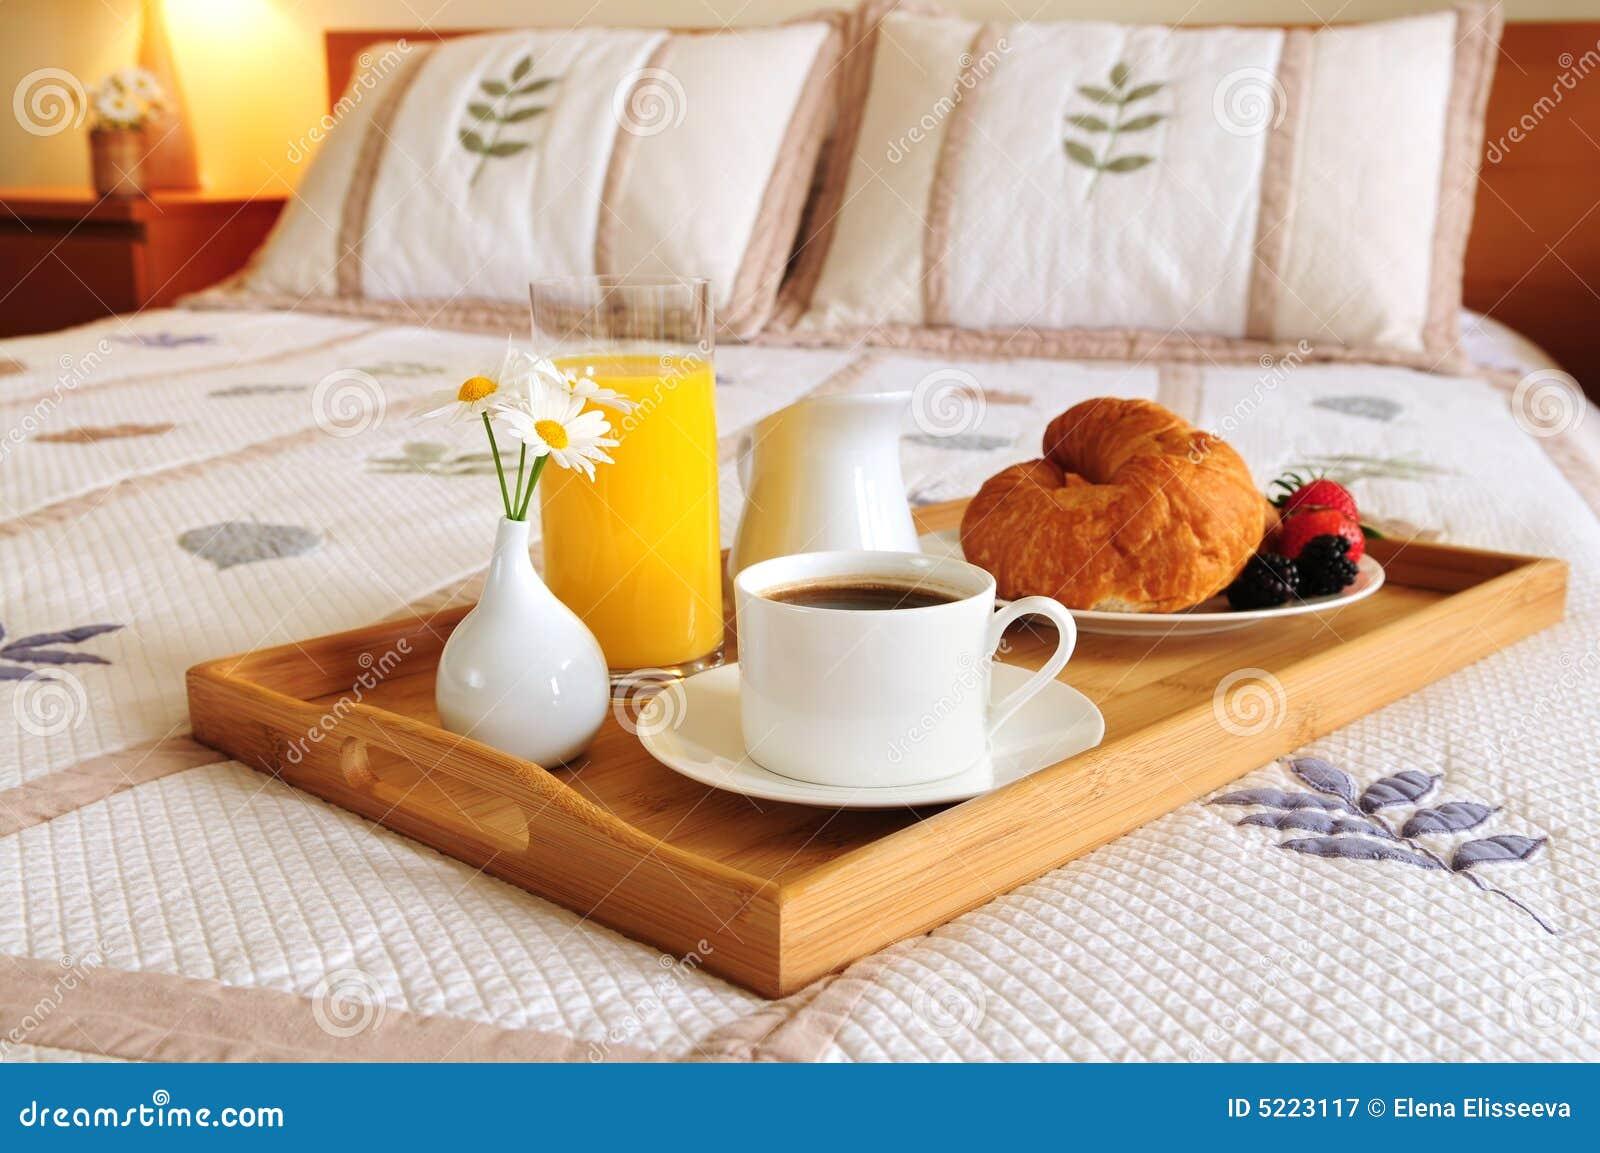 Desayune en una cama en una habitación